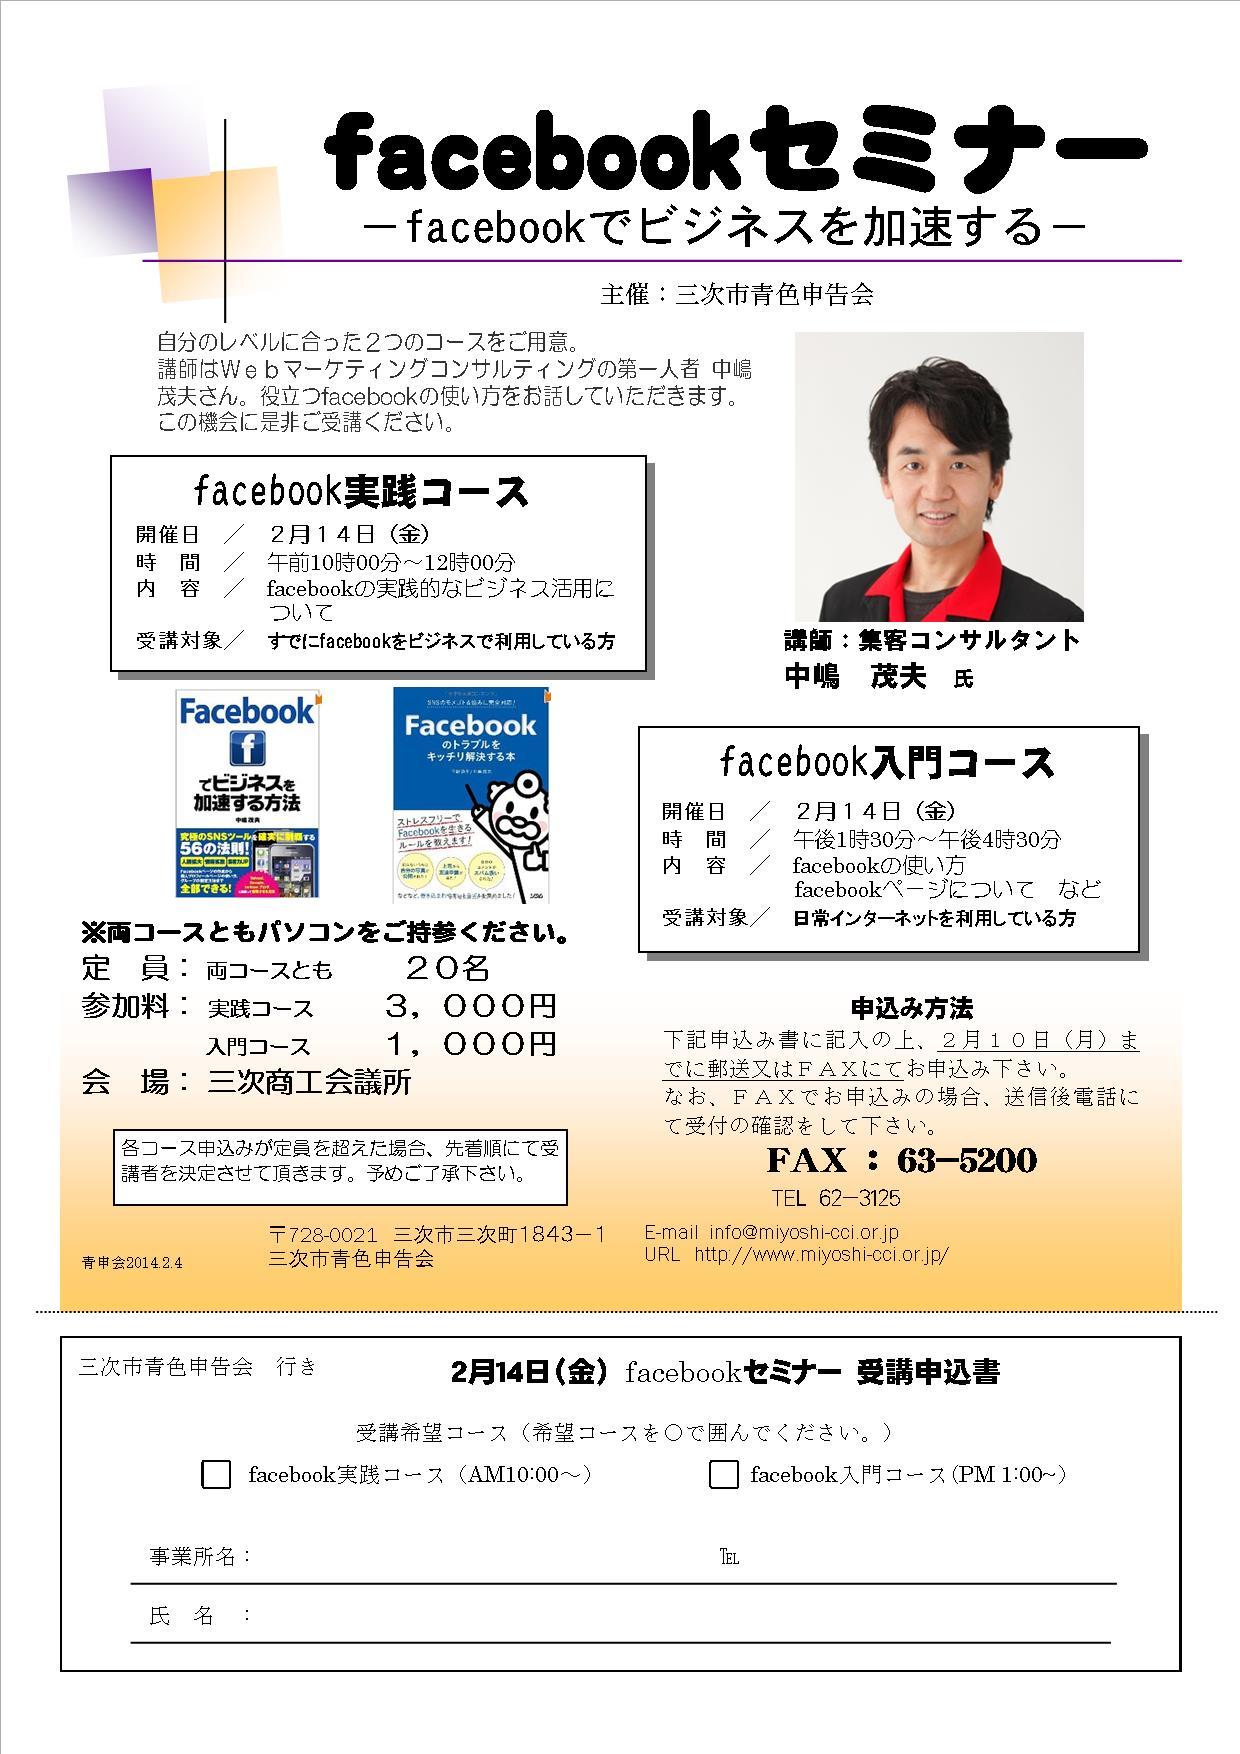 青申会FBセミナー